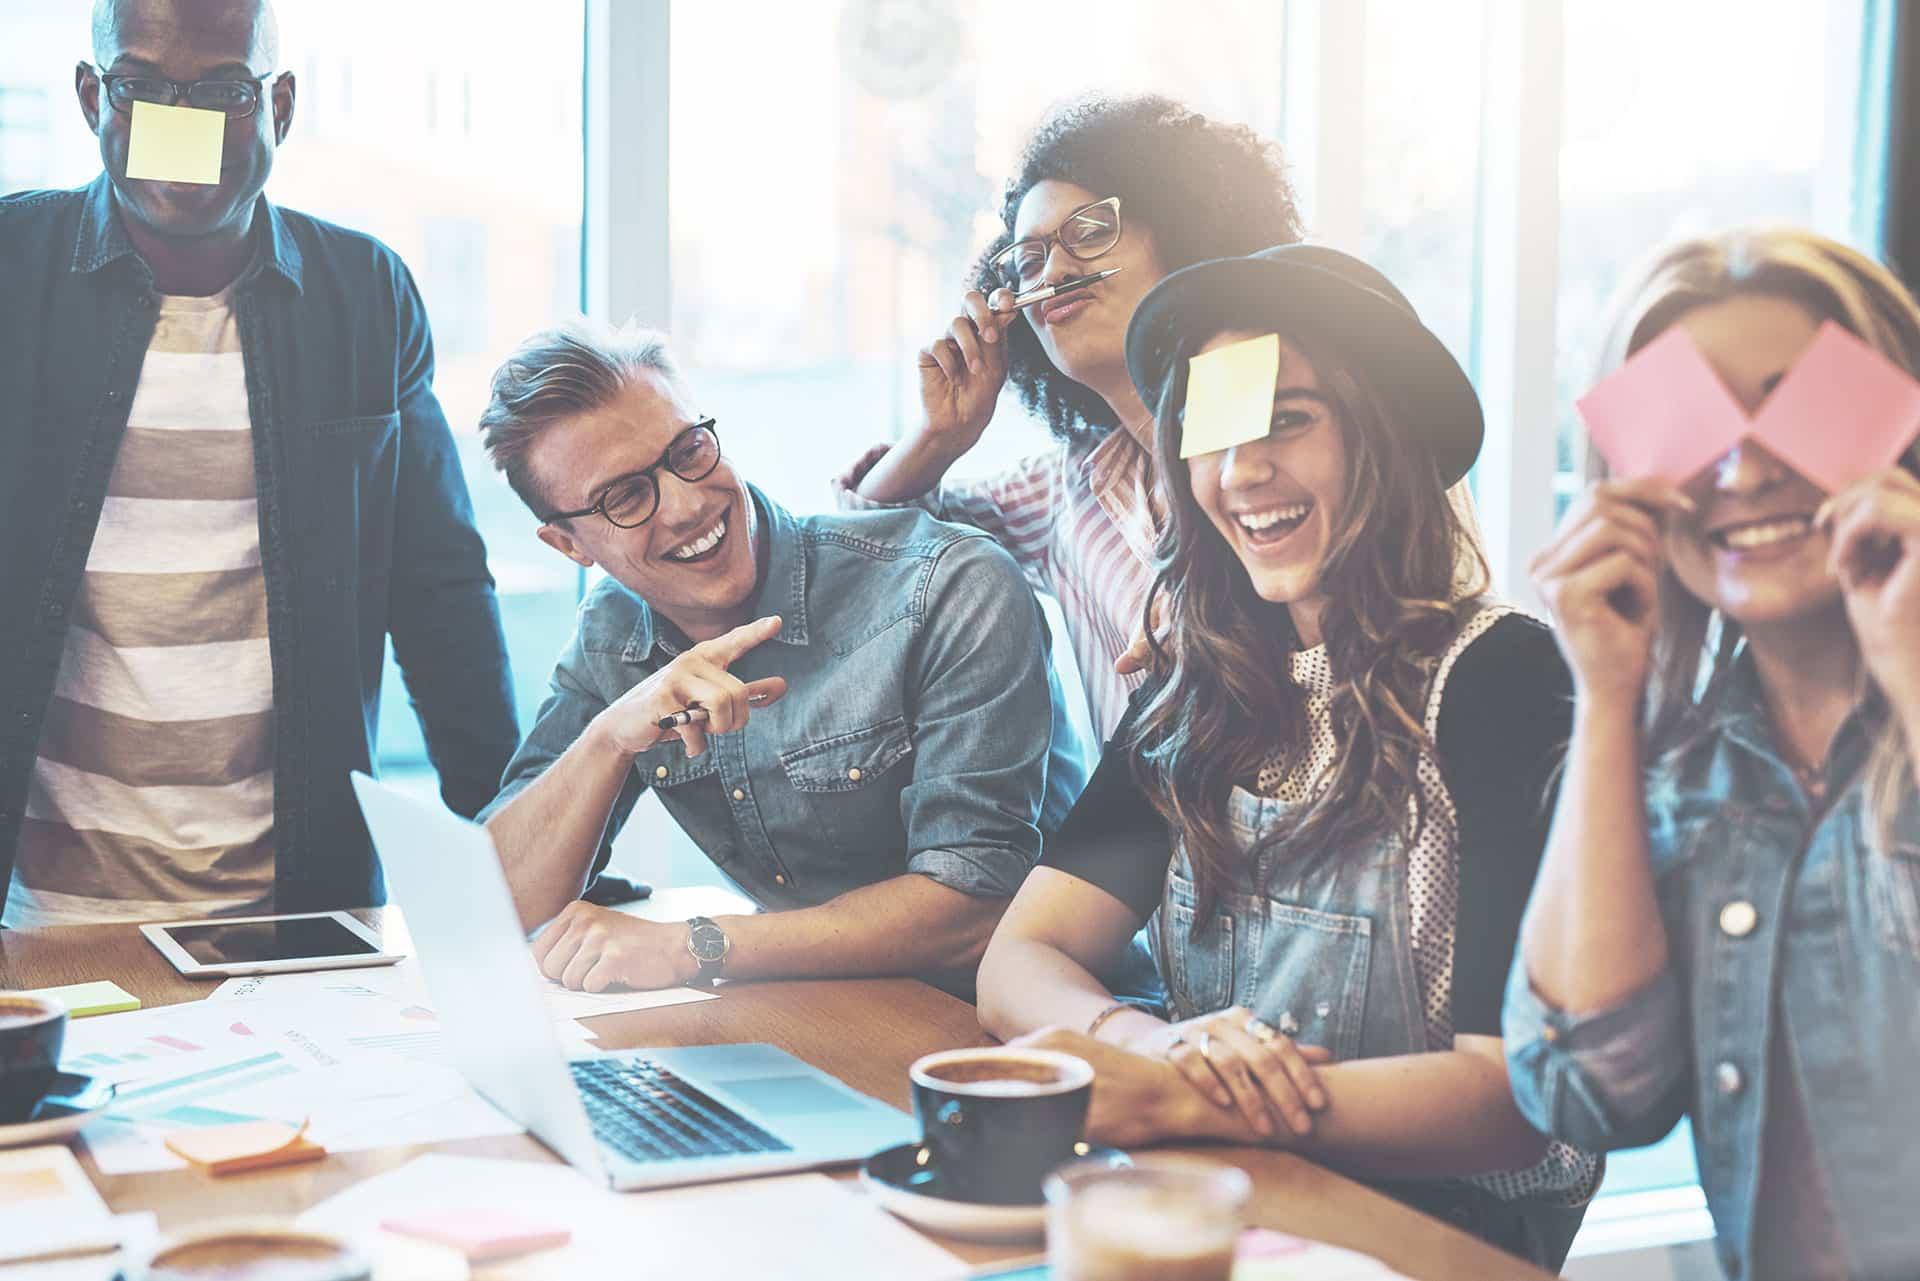 Vorteile eine VR Tour im Unternehmen und Recruiting